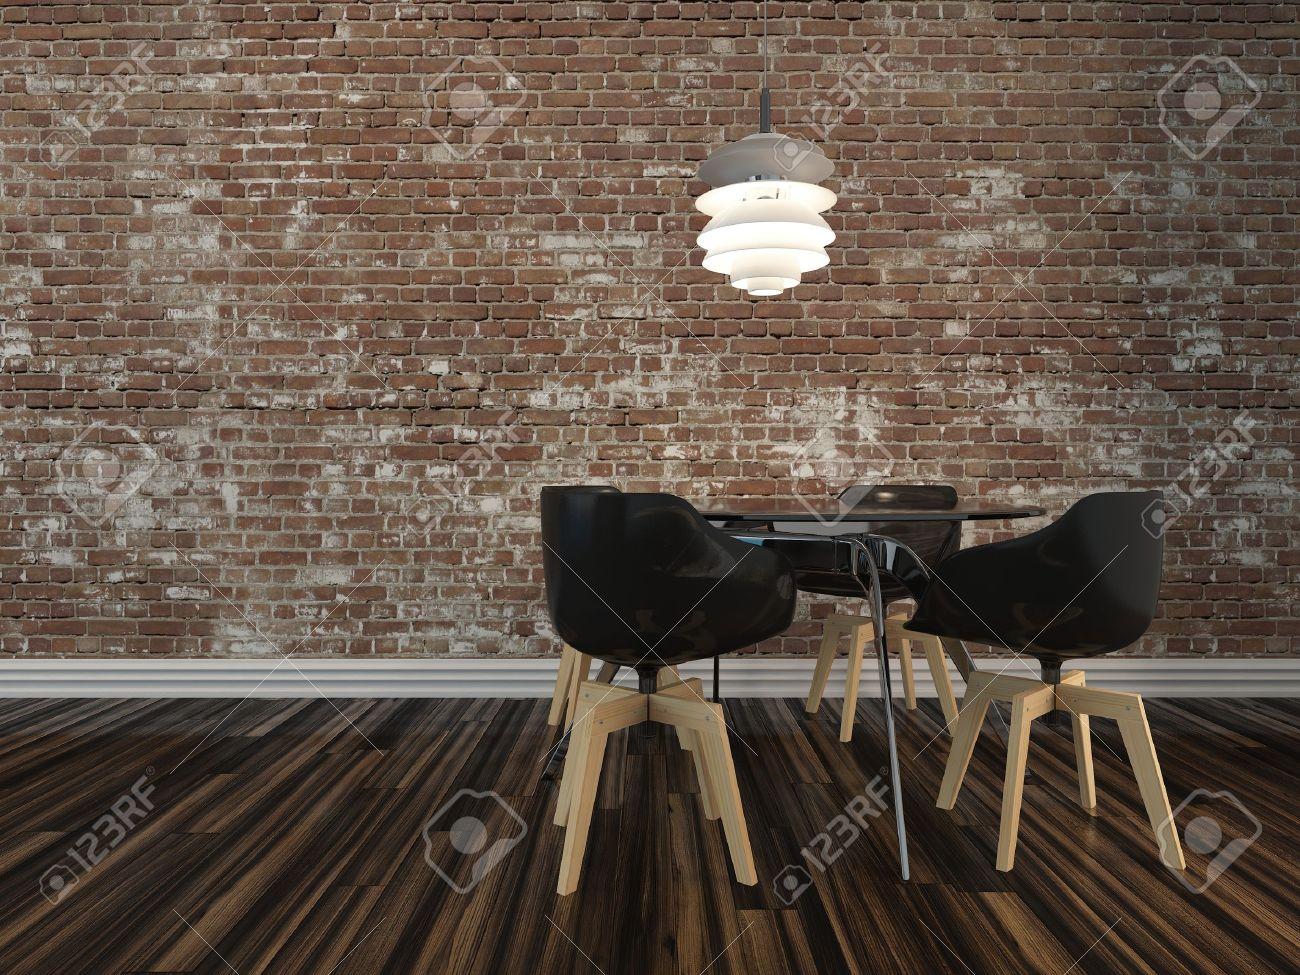 Petite table de salle à manger moderne et quatre chaises sur un parquet en  bois rustique avec mur de briques de visage dans un décor de fond ...